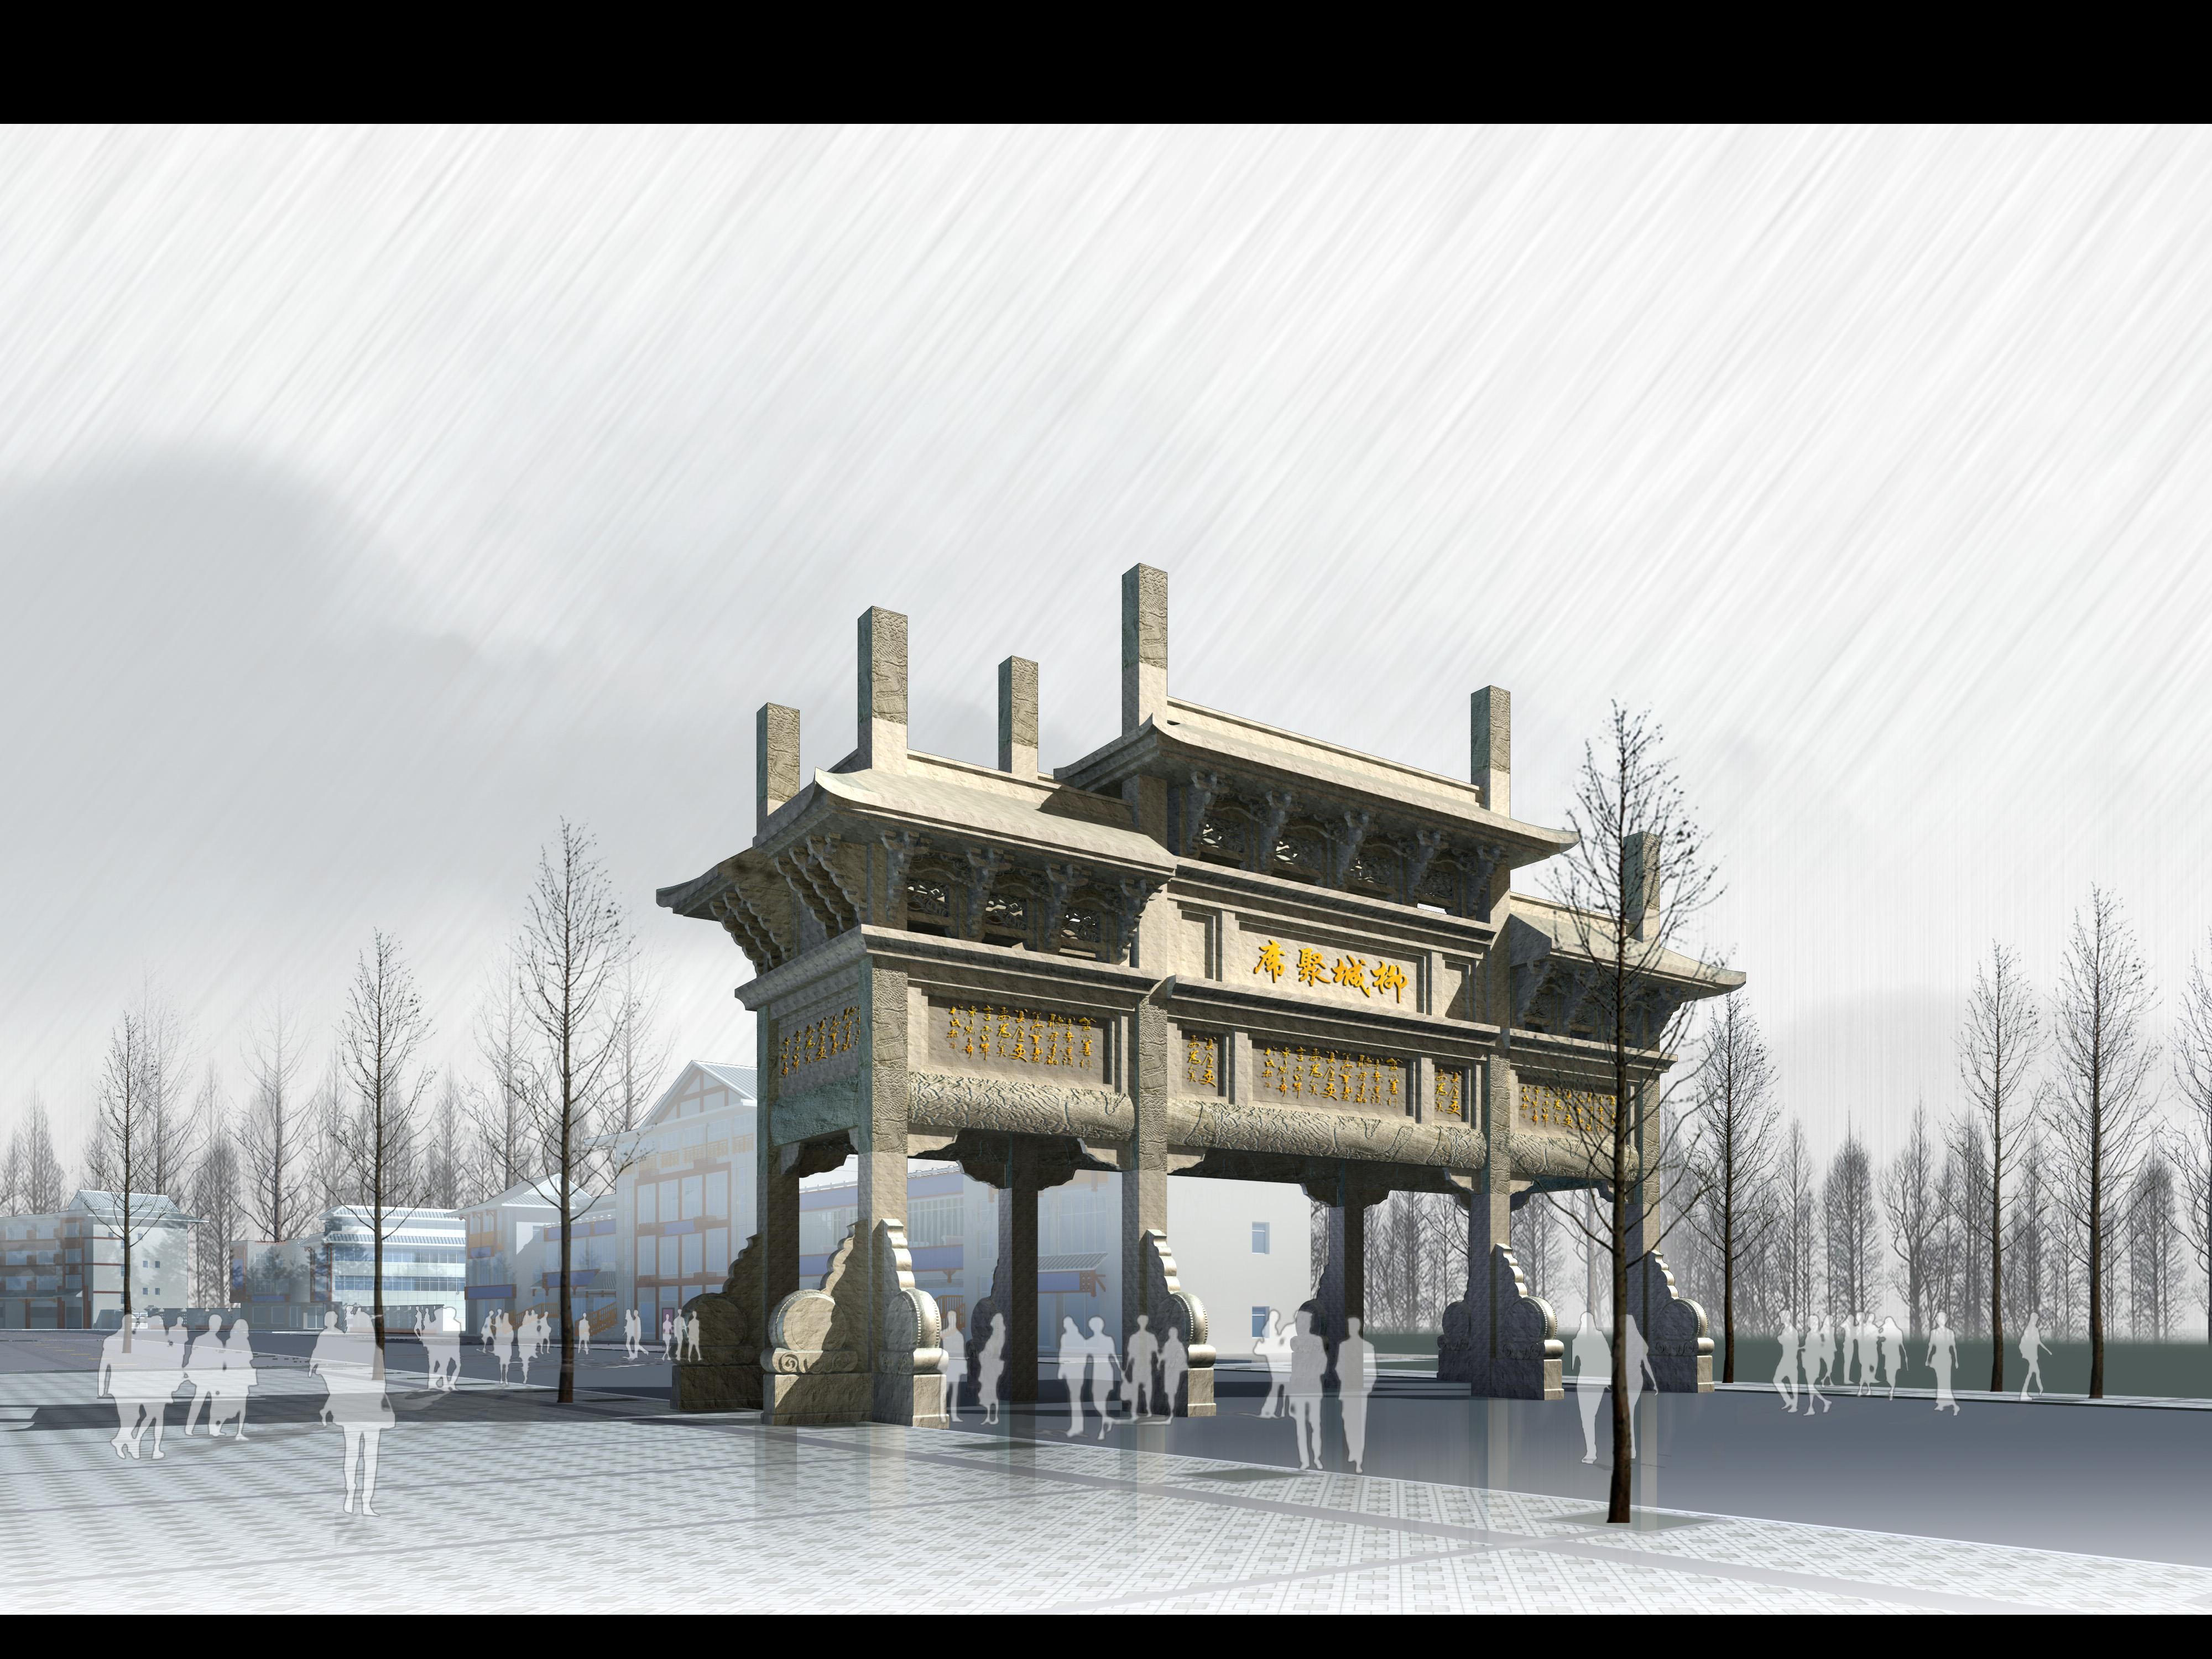 相关专题:古建筑牌坊古建筑牌坊设计古建筑仿古建筑古建筑 设计设计